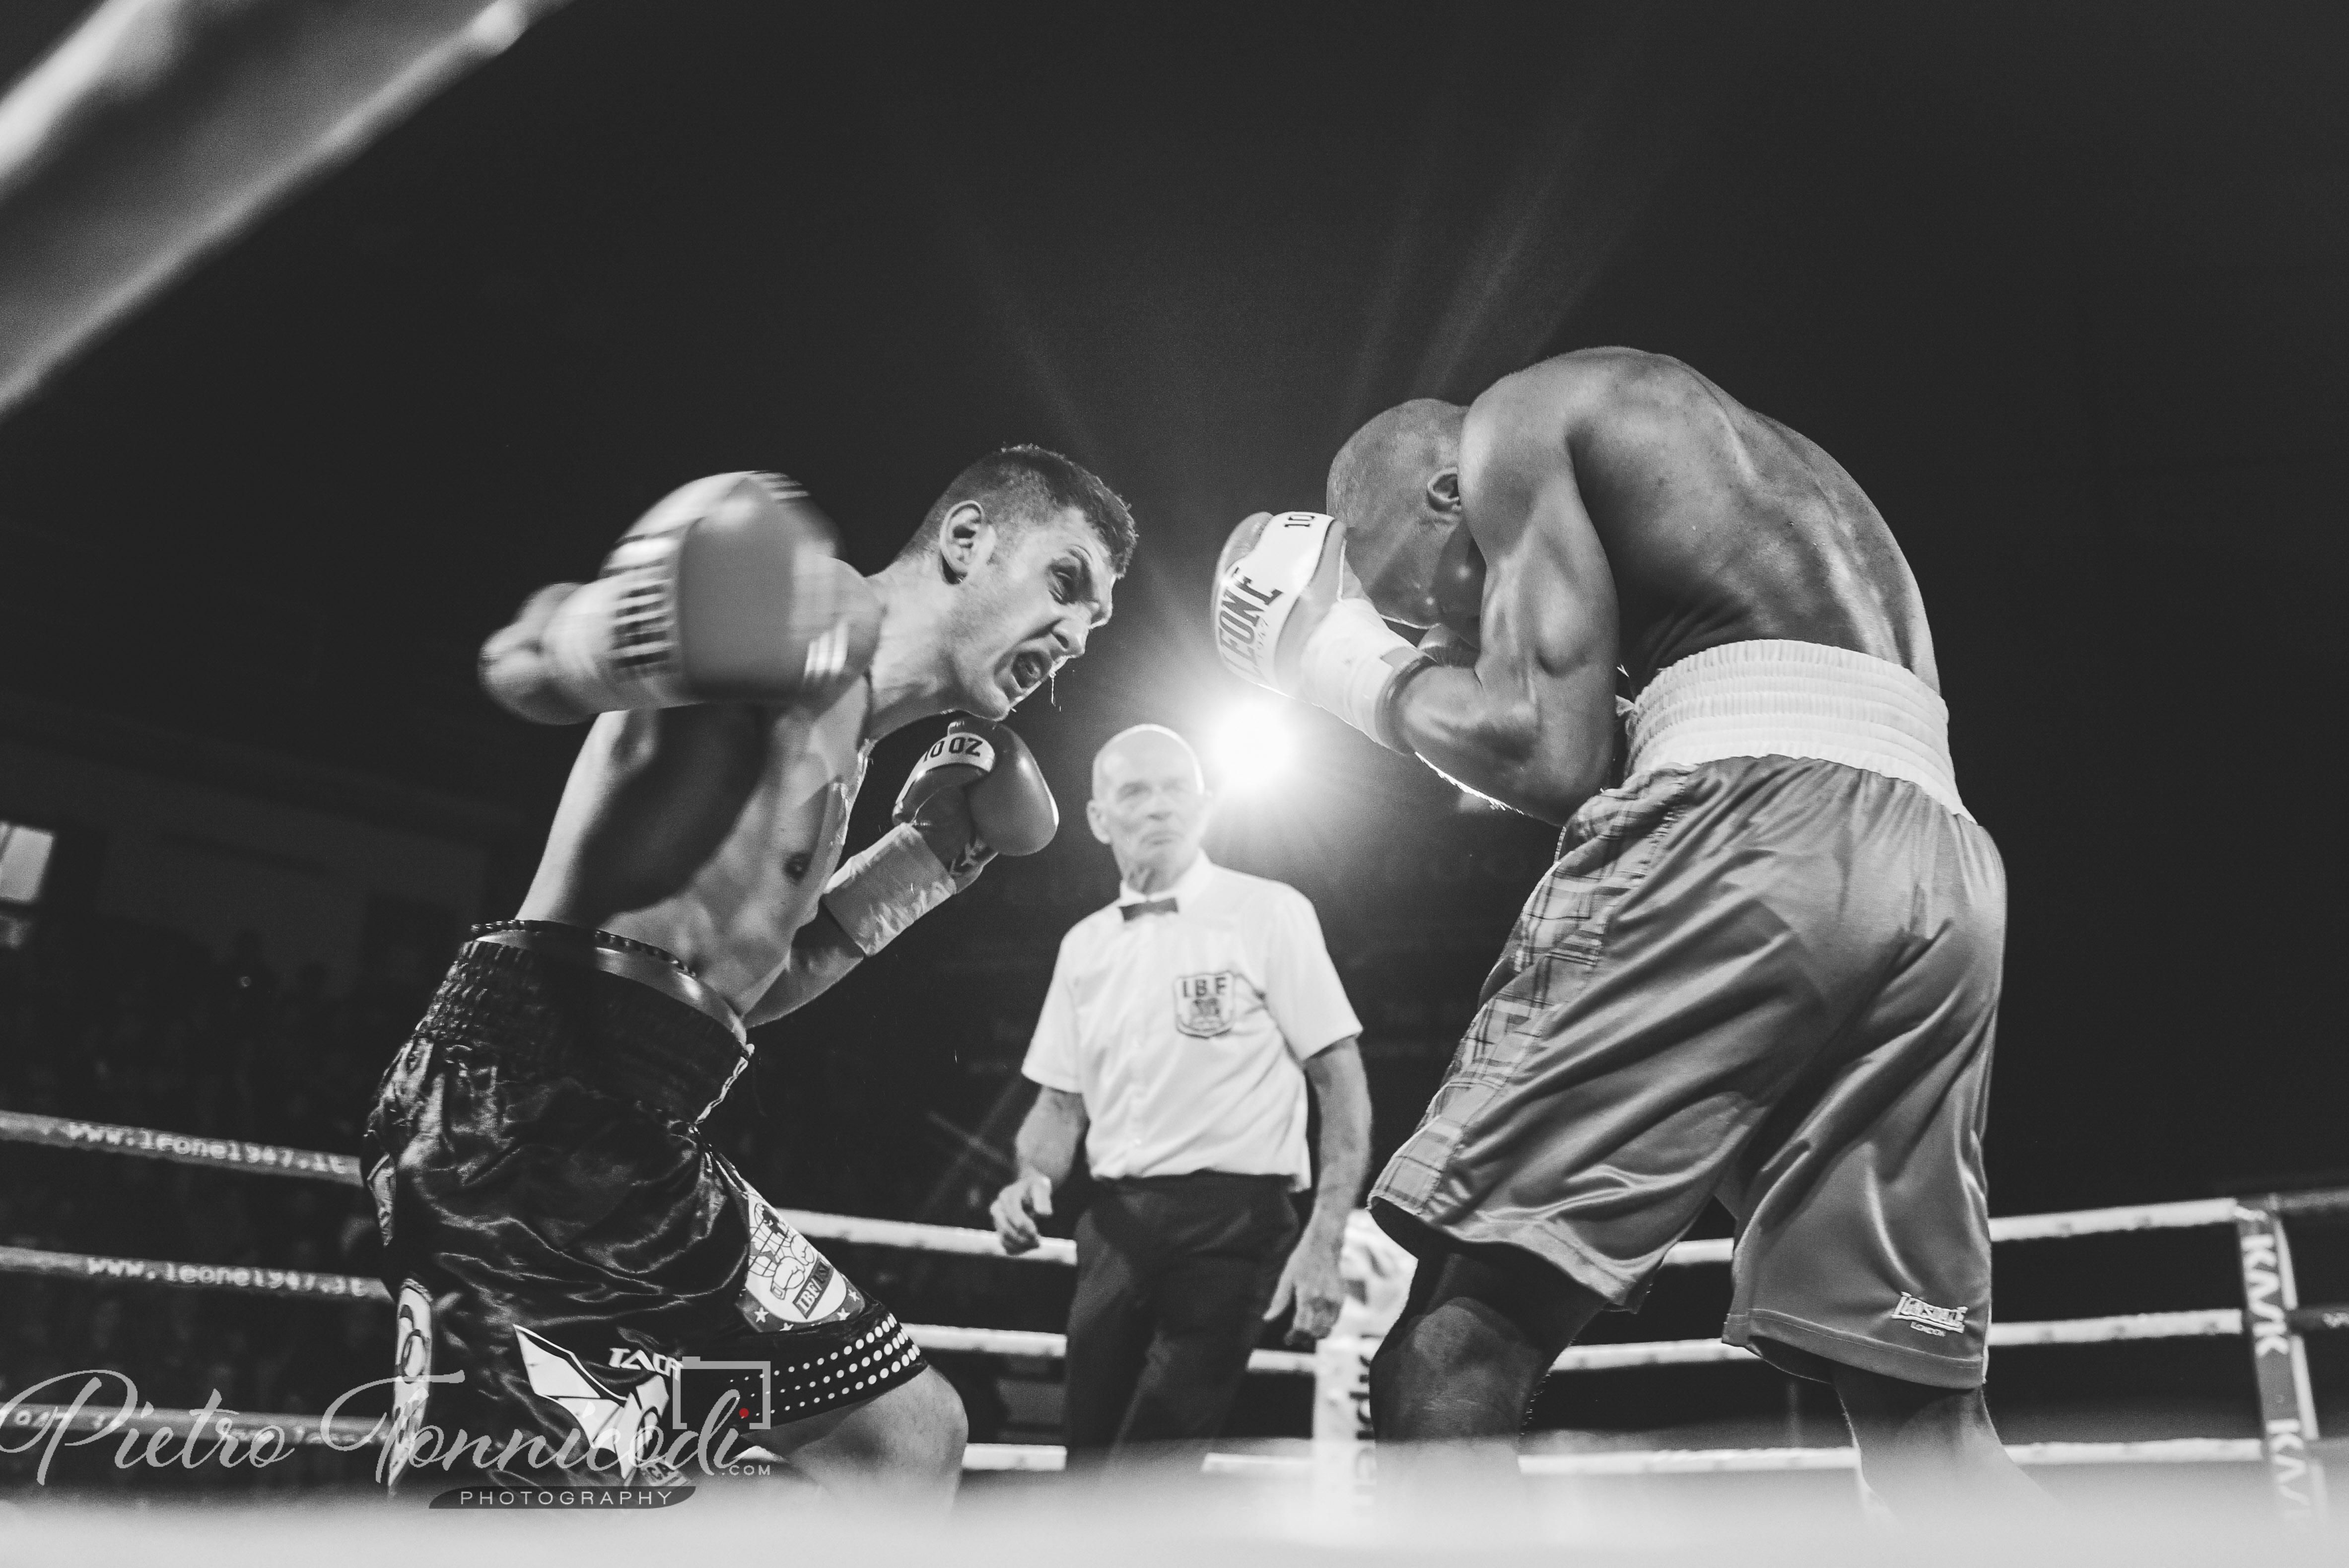 Fotografo Sport